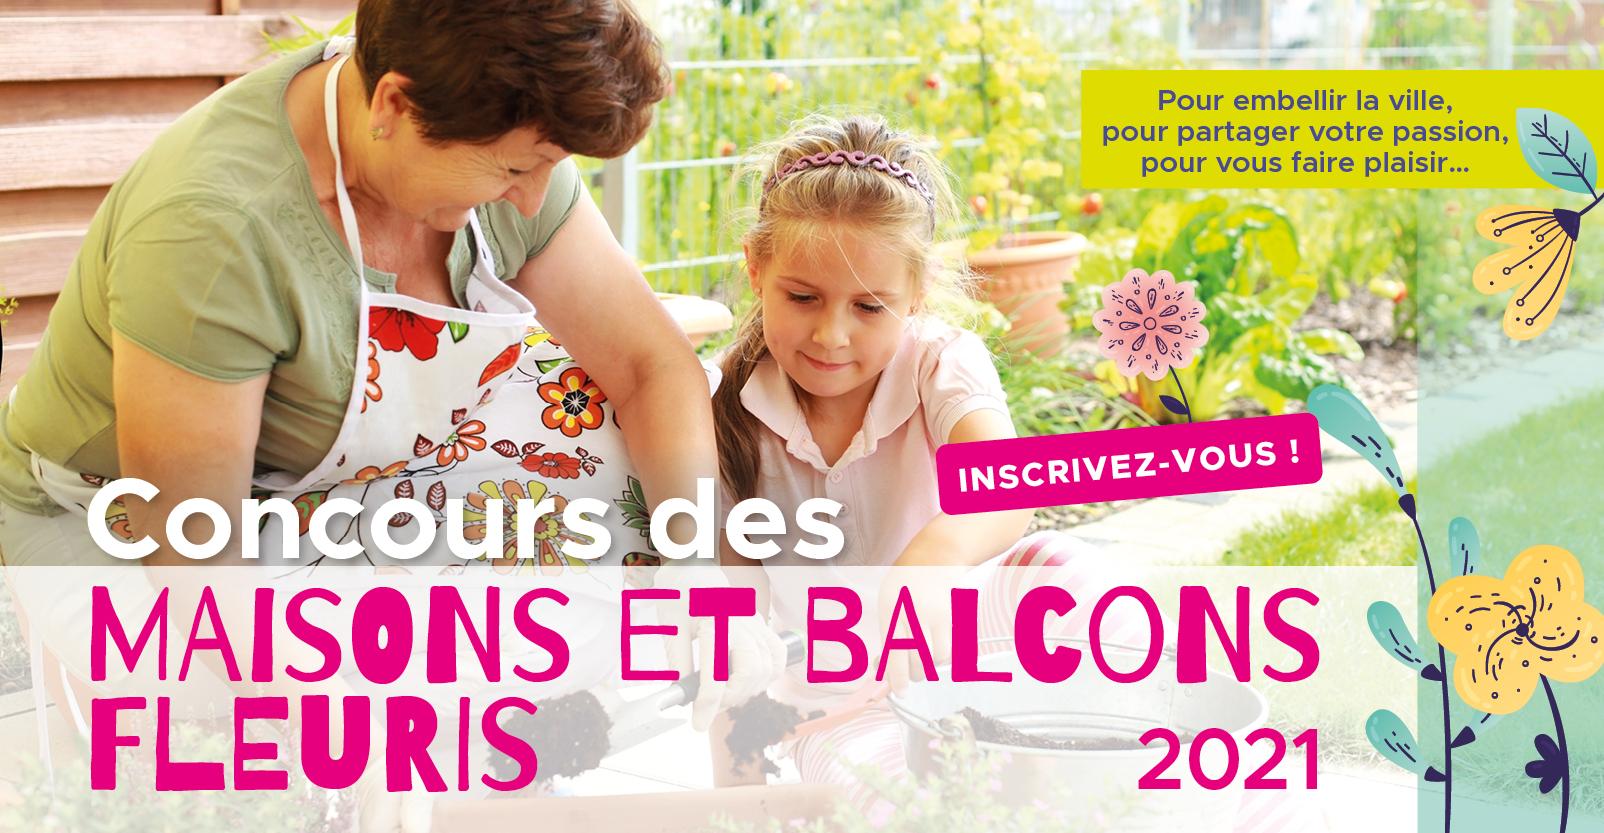 Antony, Hauts-de-Seine - Antony, Hauts-de-Seine - curs-coaching.ro